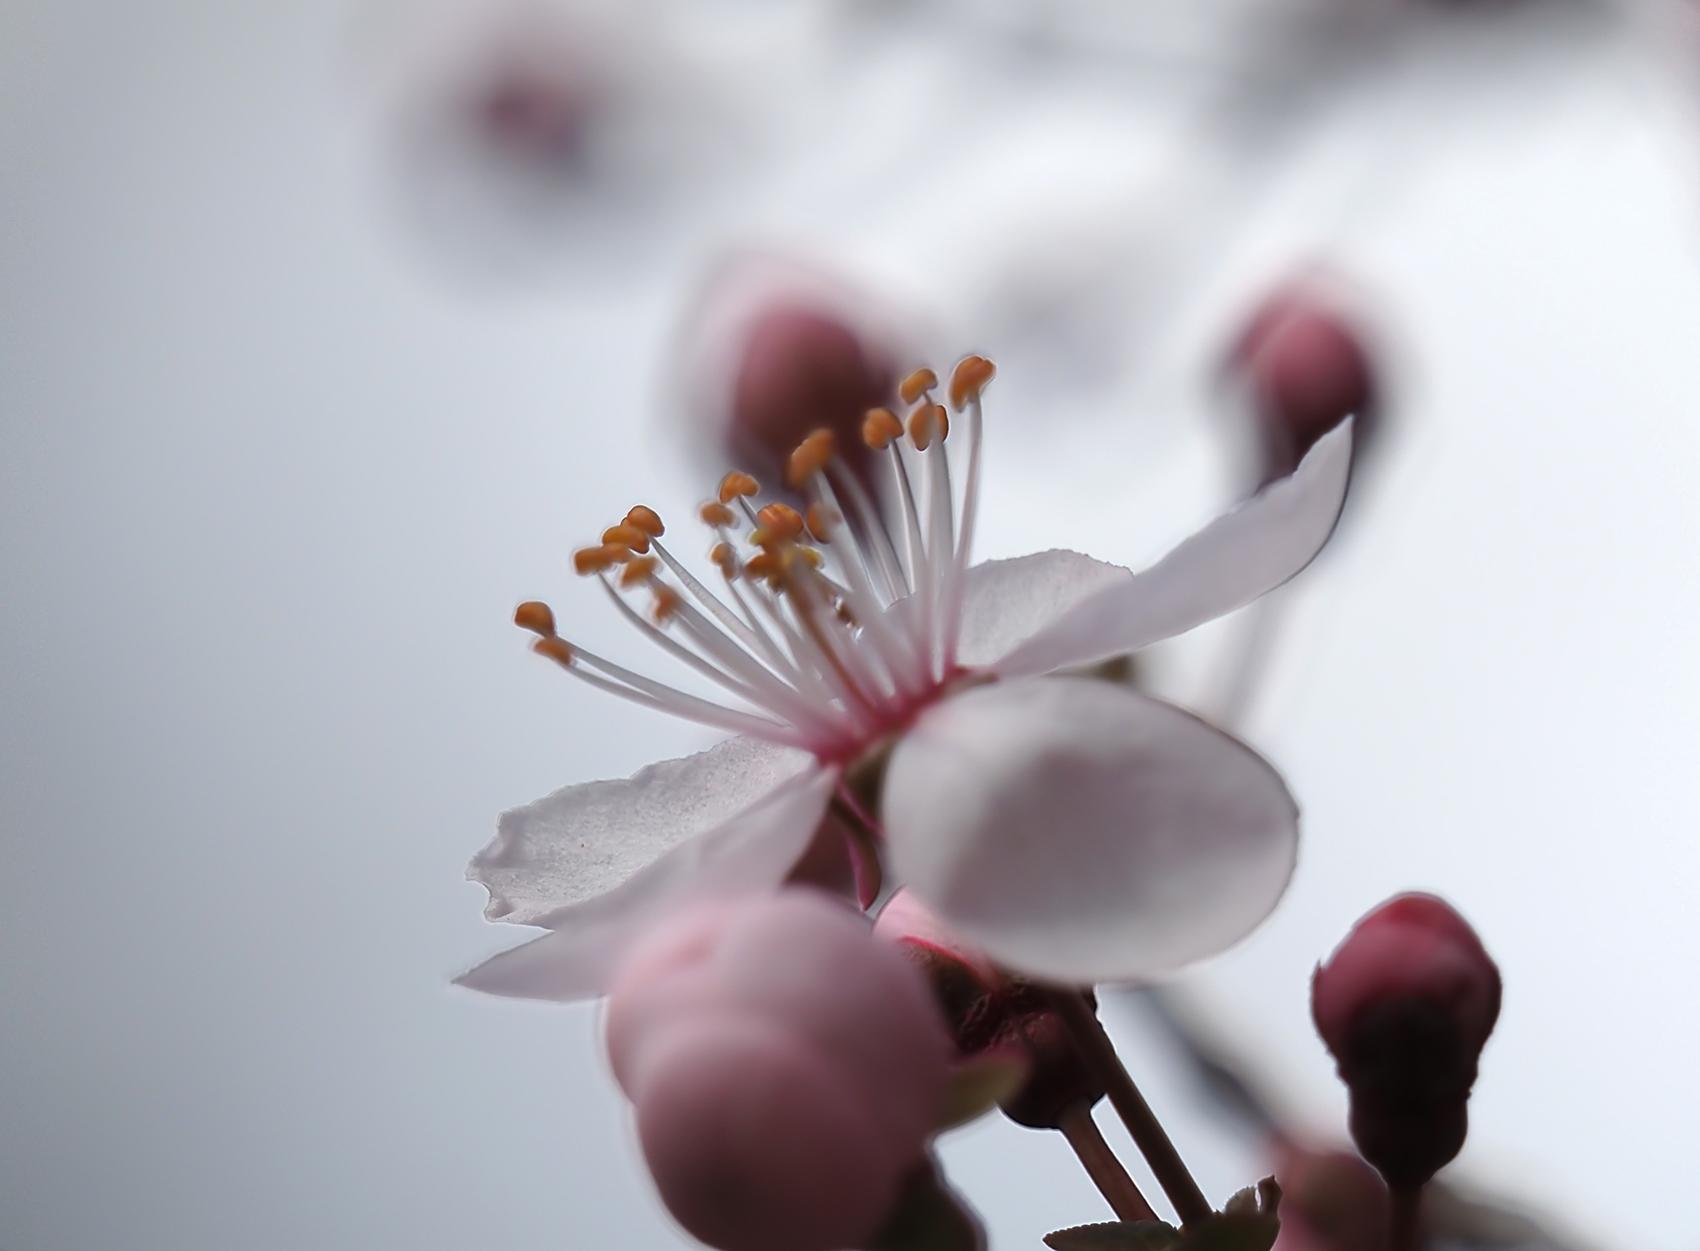 Pfirsich (Prunus persica)